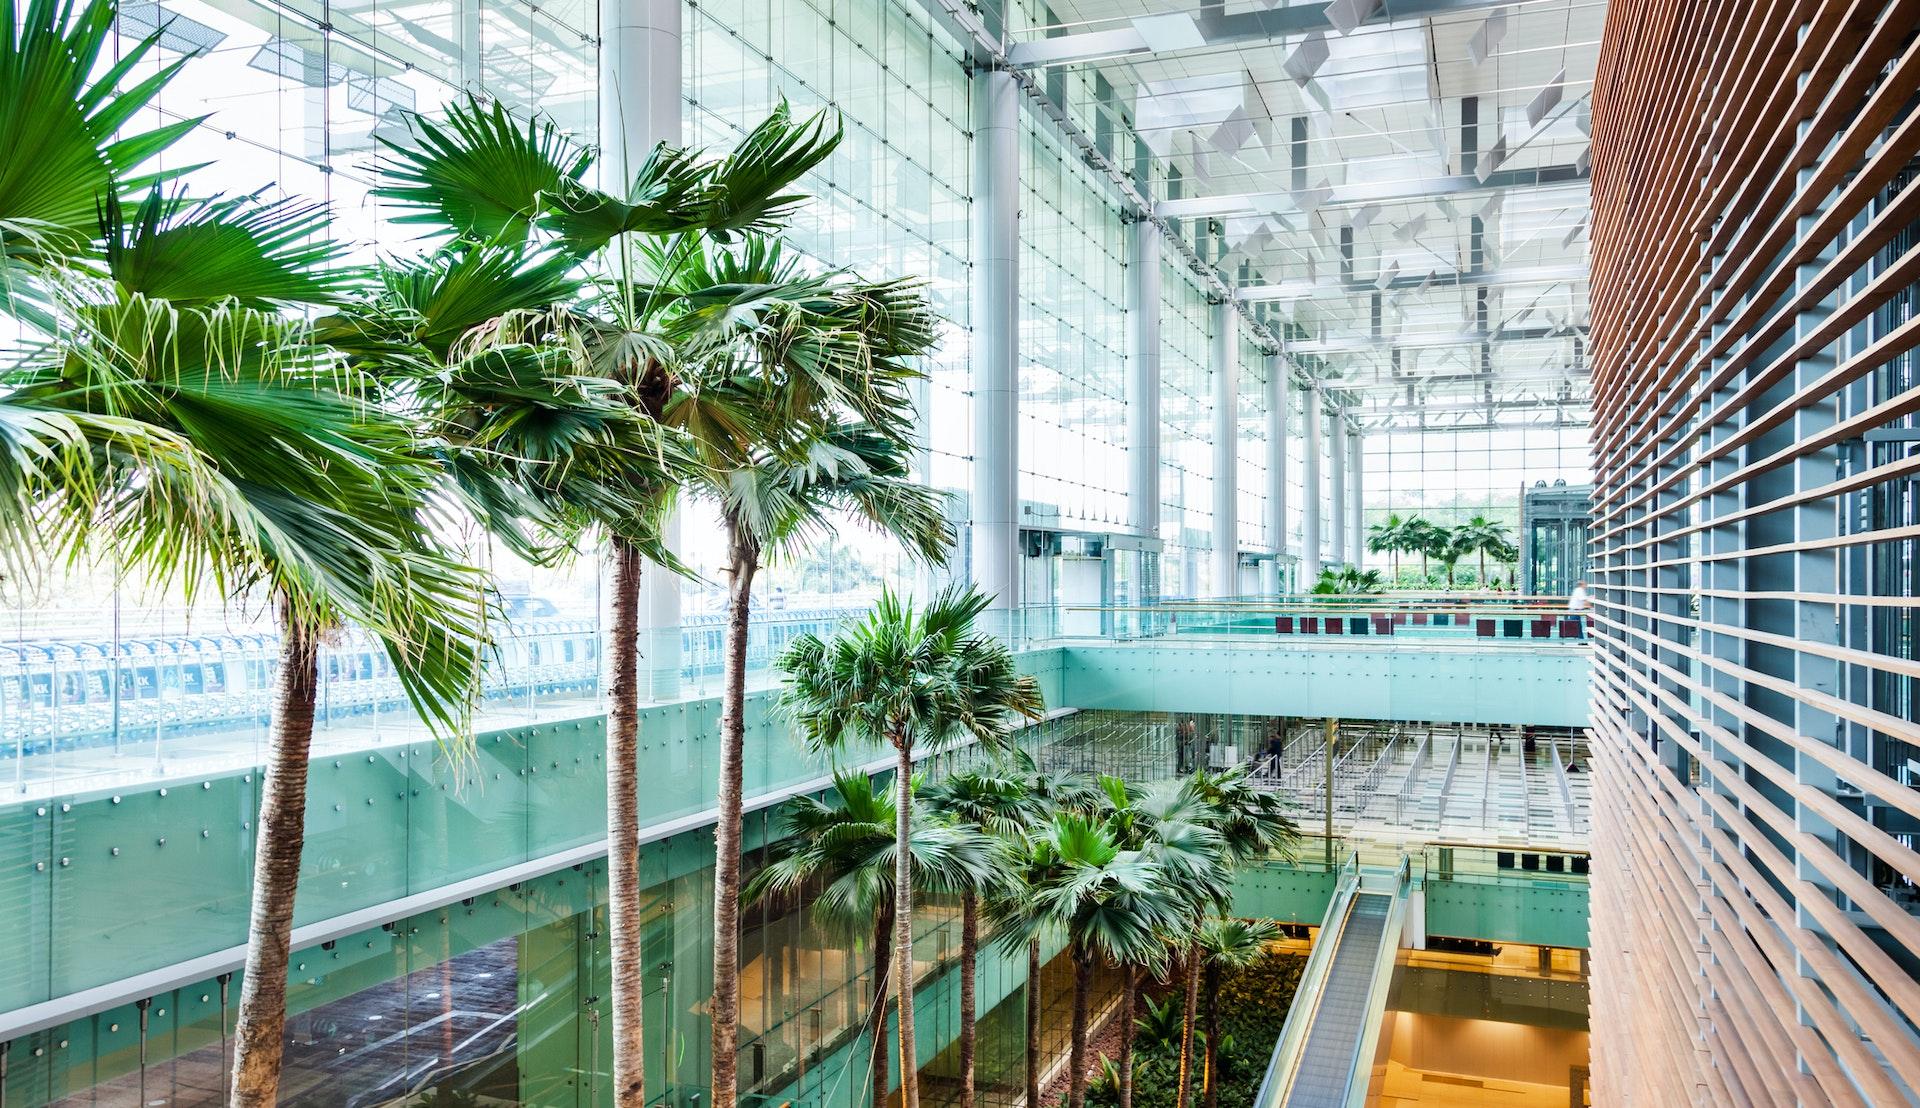 Fra Changi lufthavn © TommL, Getty Images